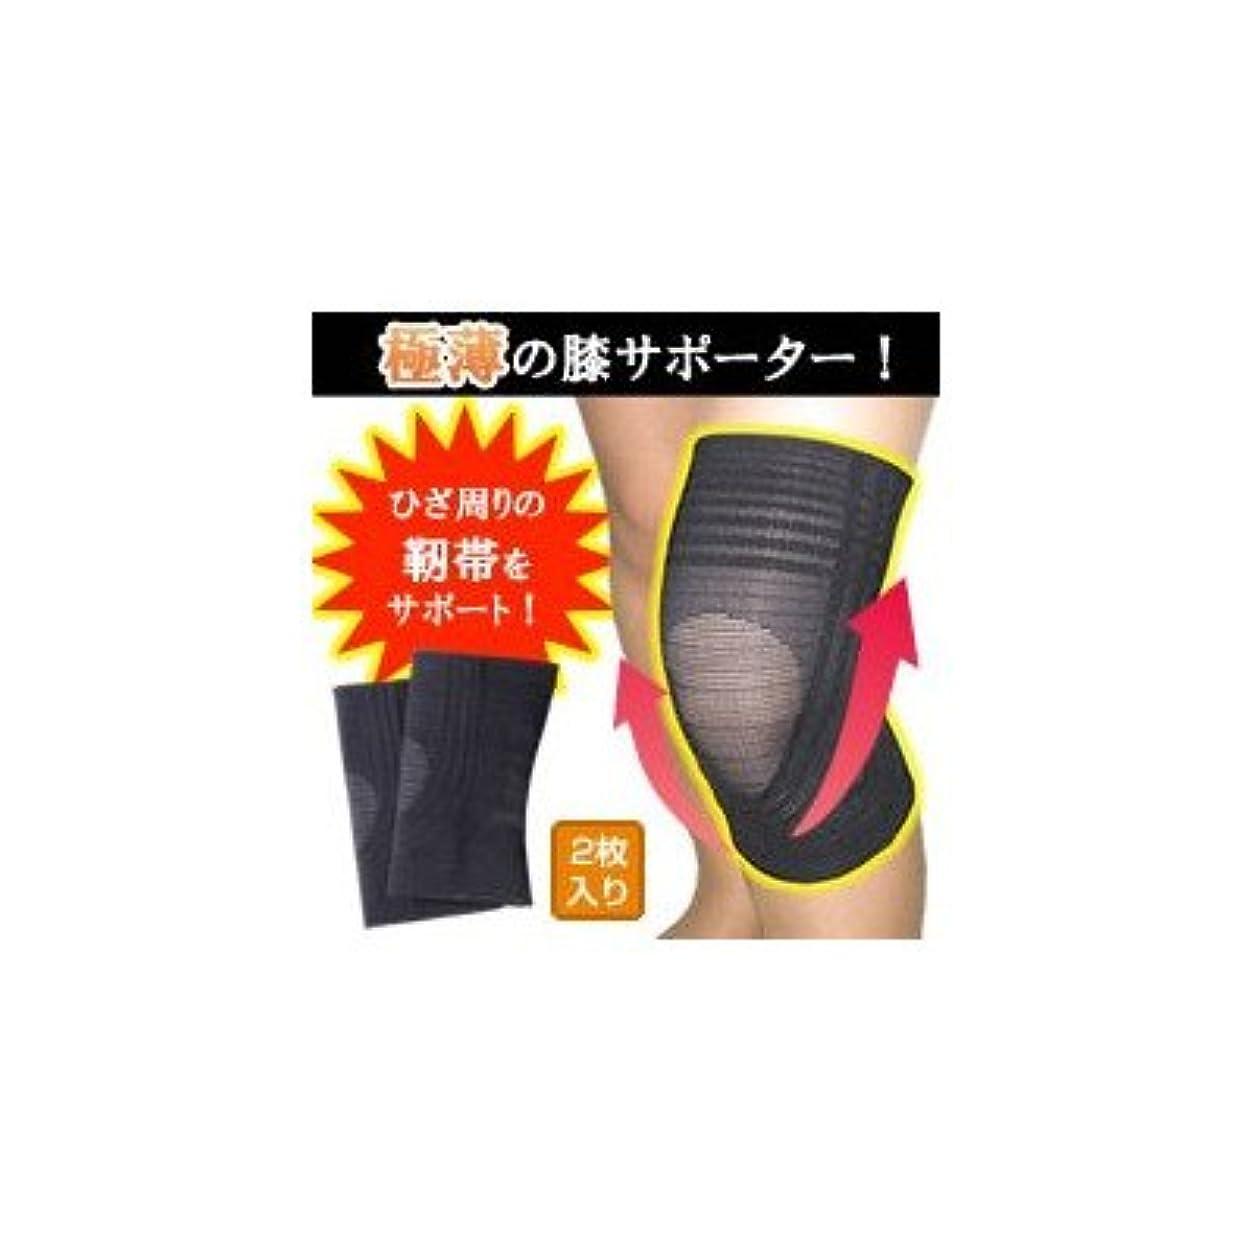 形式ローンアーク縁の下の膝靭帯サポーター M( 画像はイメージ画像です お届けの商品はMのみとなります)